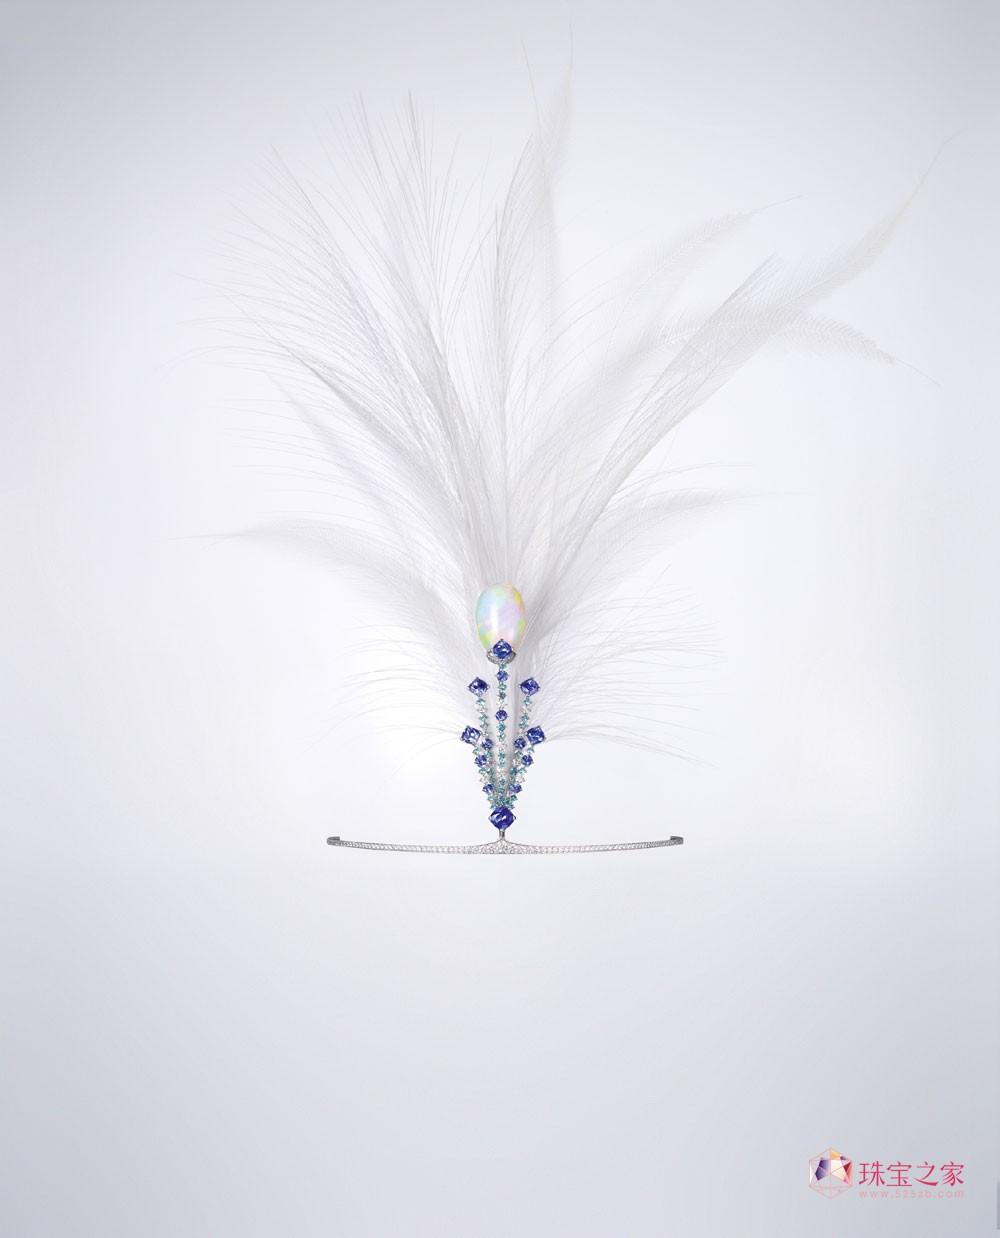 融汇CHAUMET二百多年卓越工艺彰显巴黎高级珠宝精髓 é12 Vendôme û高级珠宝系列